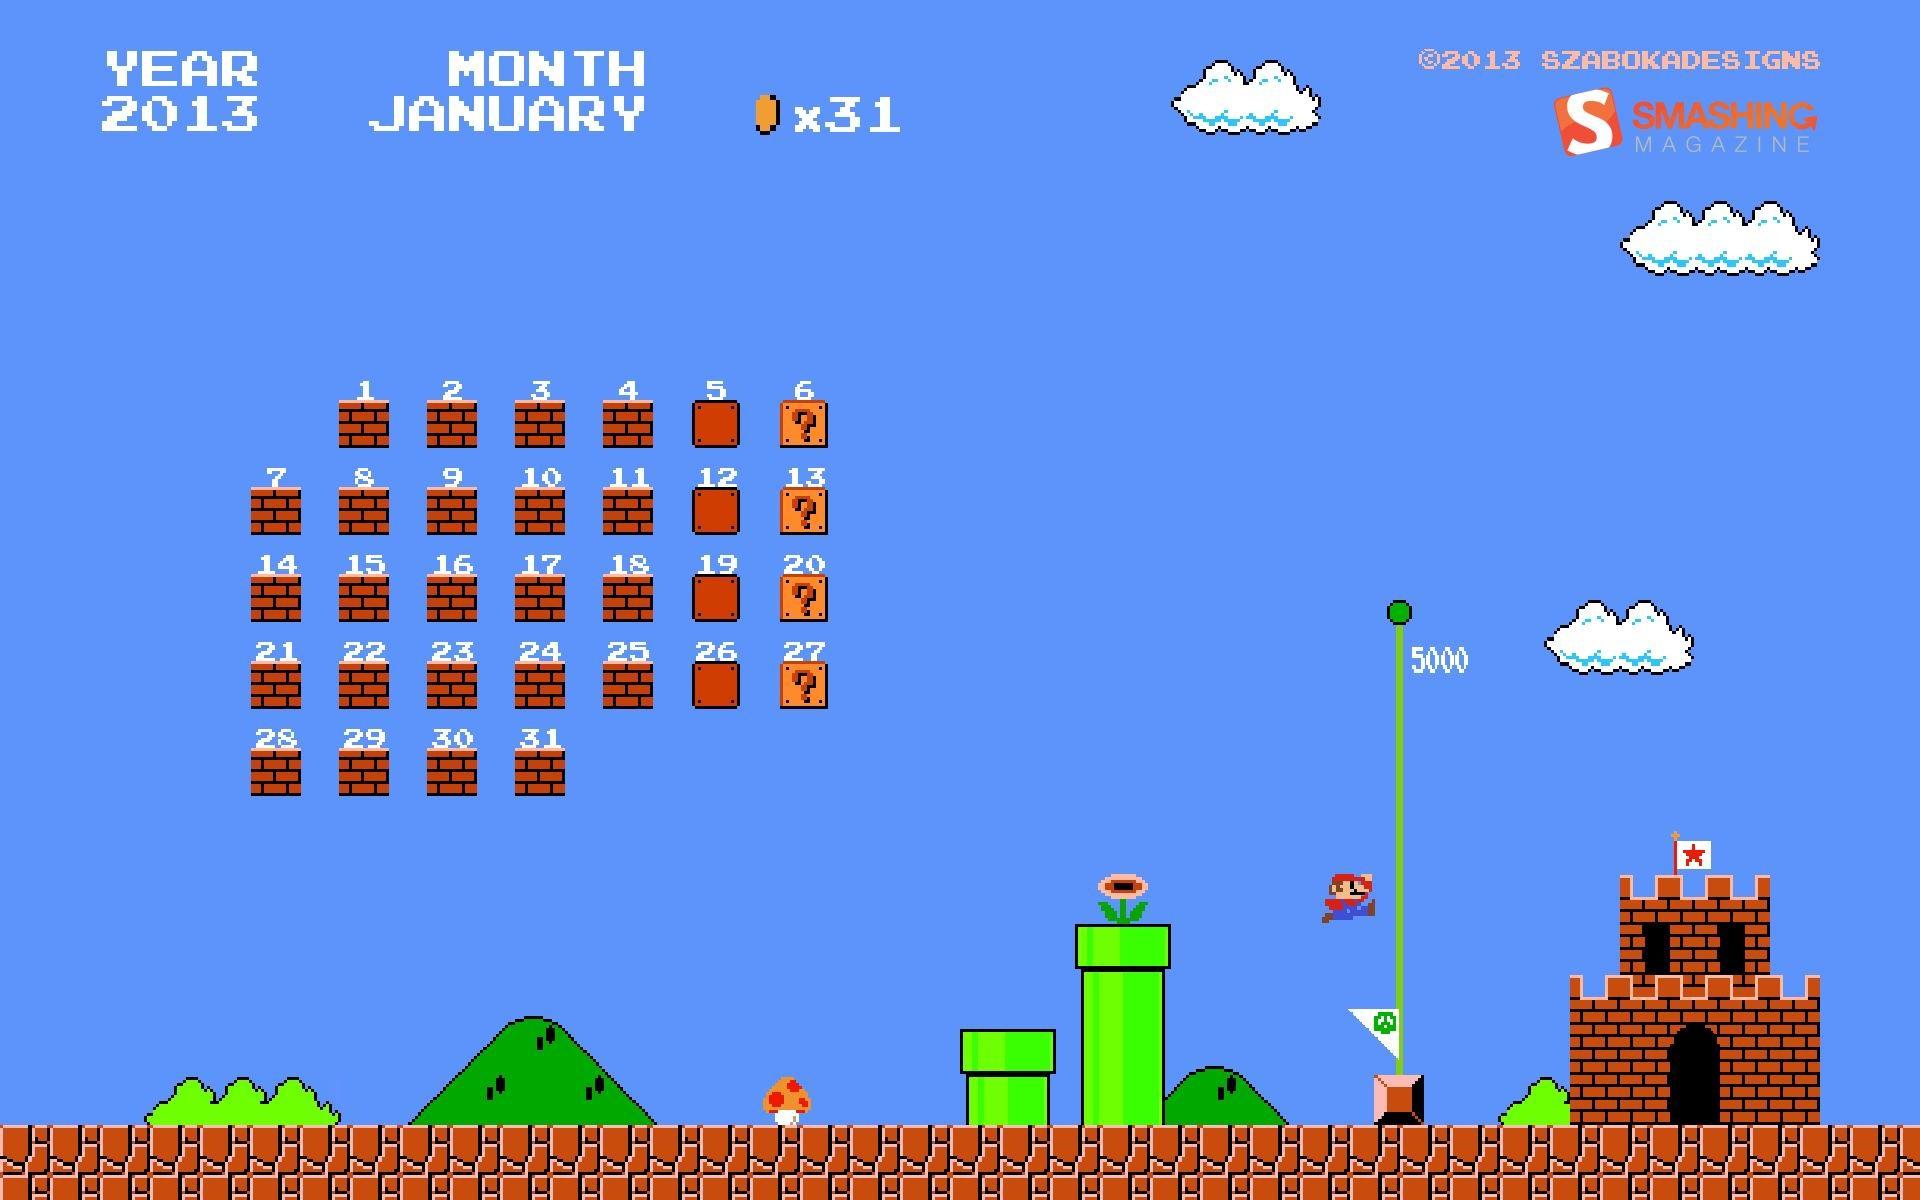 Calendar Wallpaper Creator : マリオ 月 年 月カレンダーデスクトップテーマ壁紙 ファミコン版